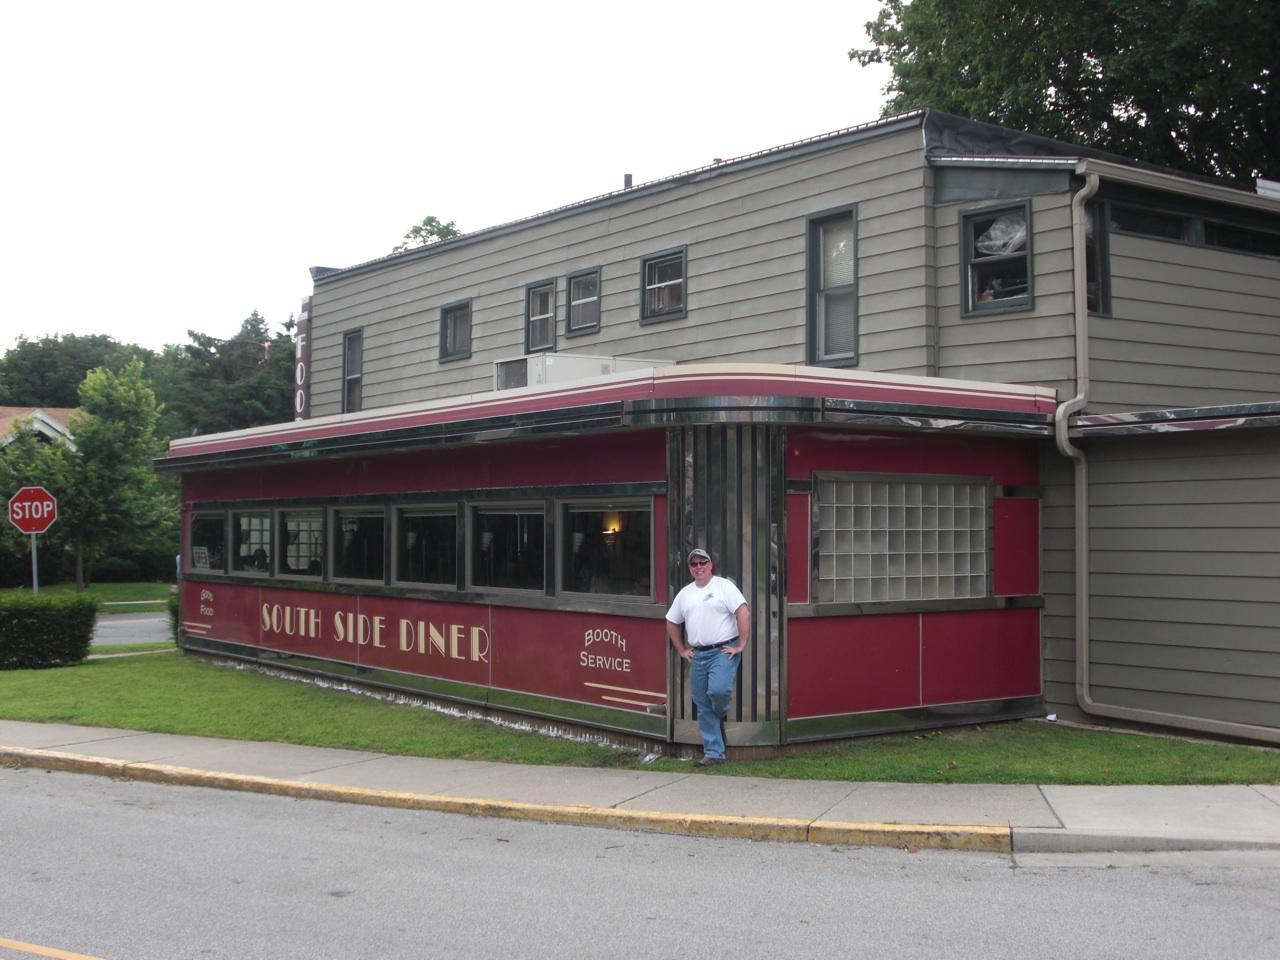 South Side Diner in Goshen, Indiana